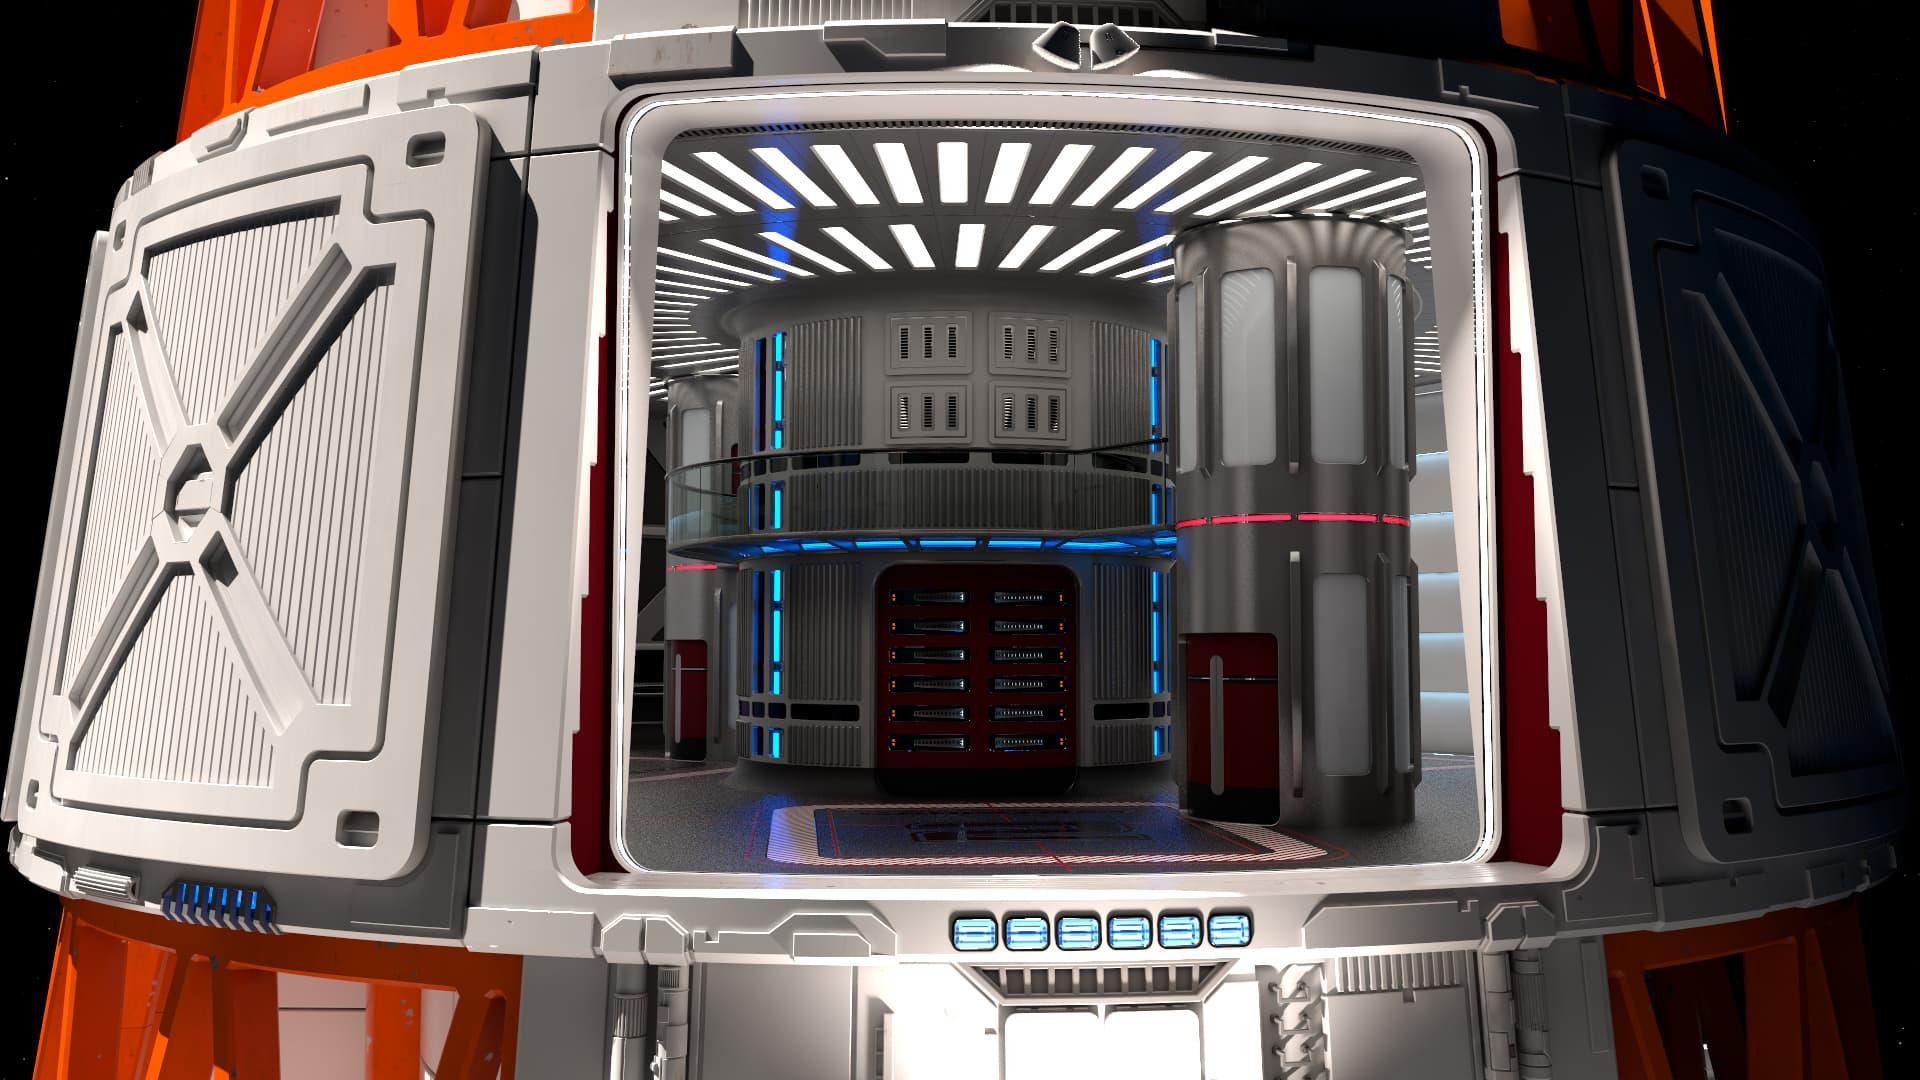 cargo_bay_inside_raw